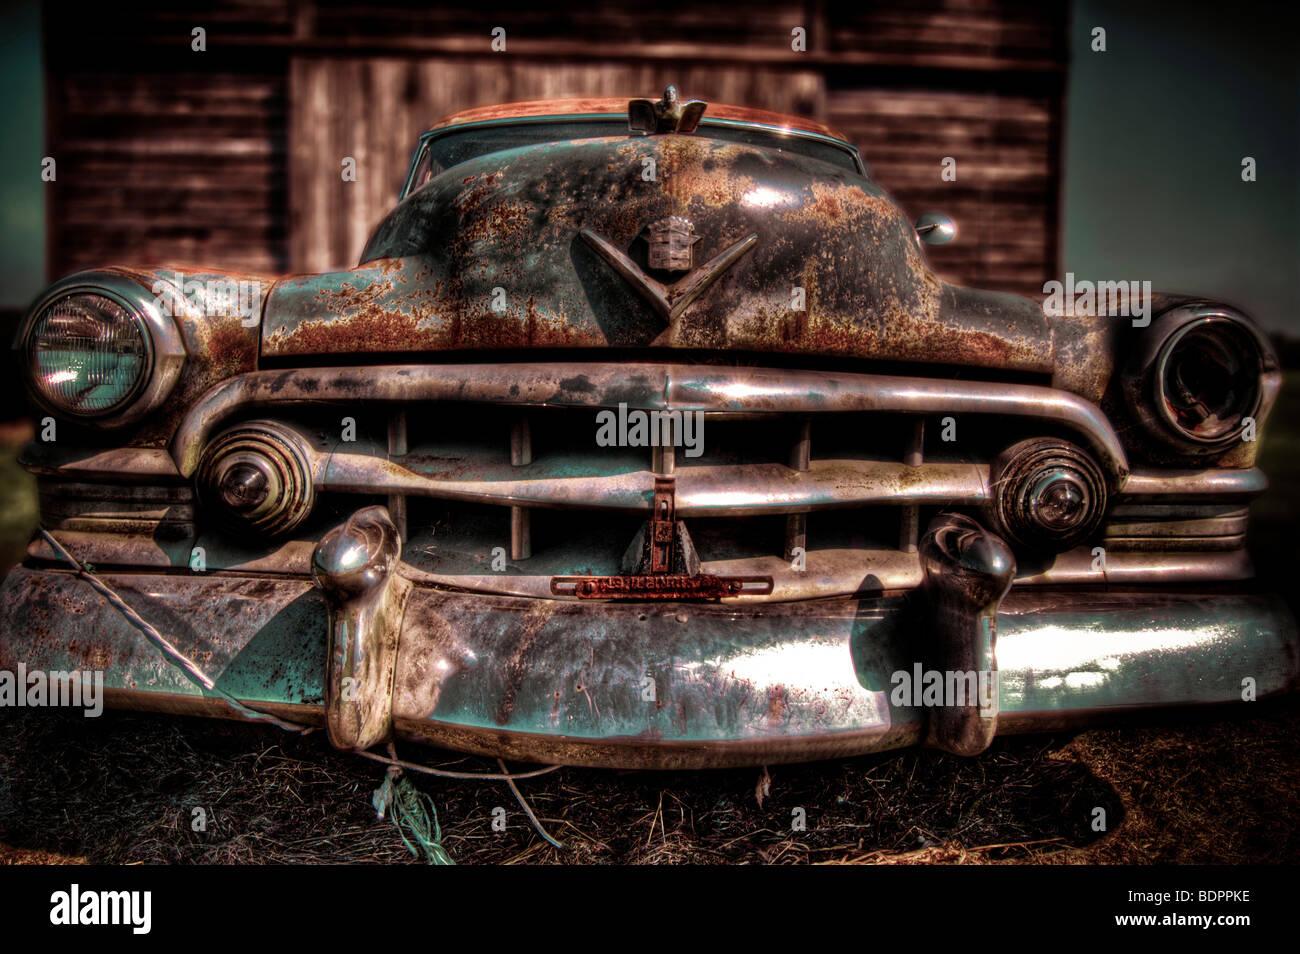 Beliebt Ein 50er Jahre amerikanische Cadilac Auto mit Rost und Chrom NK66